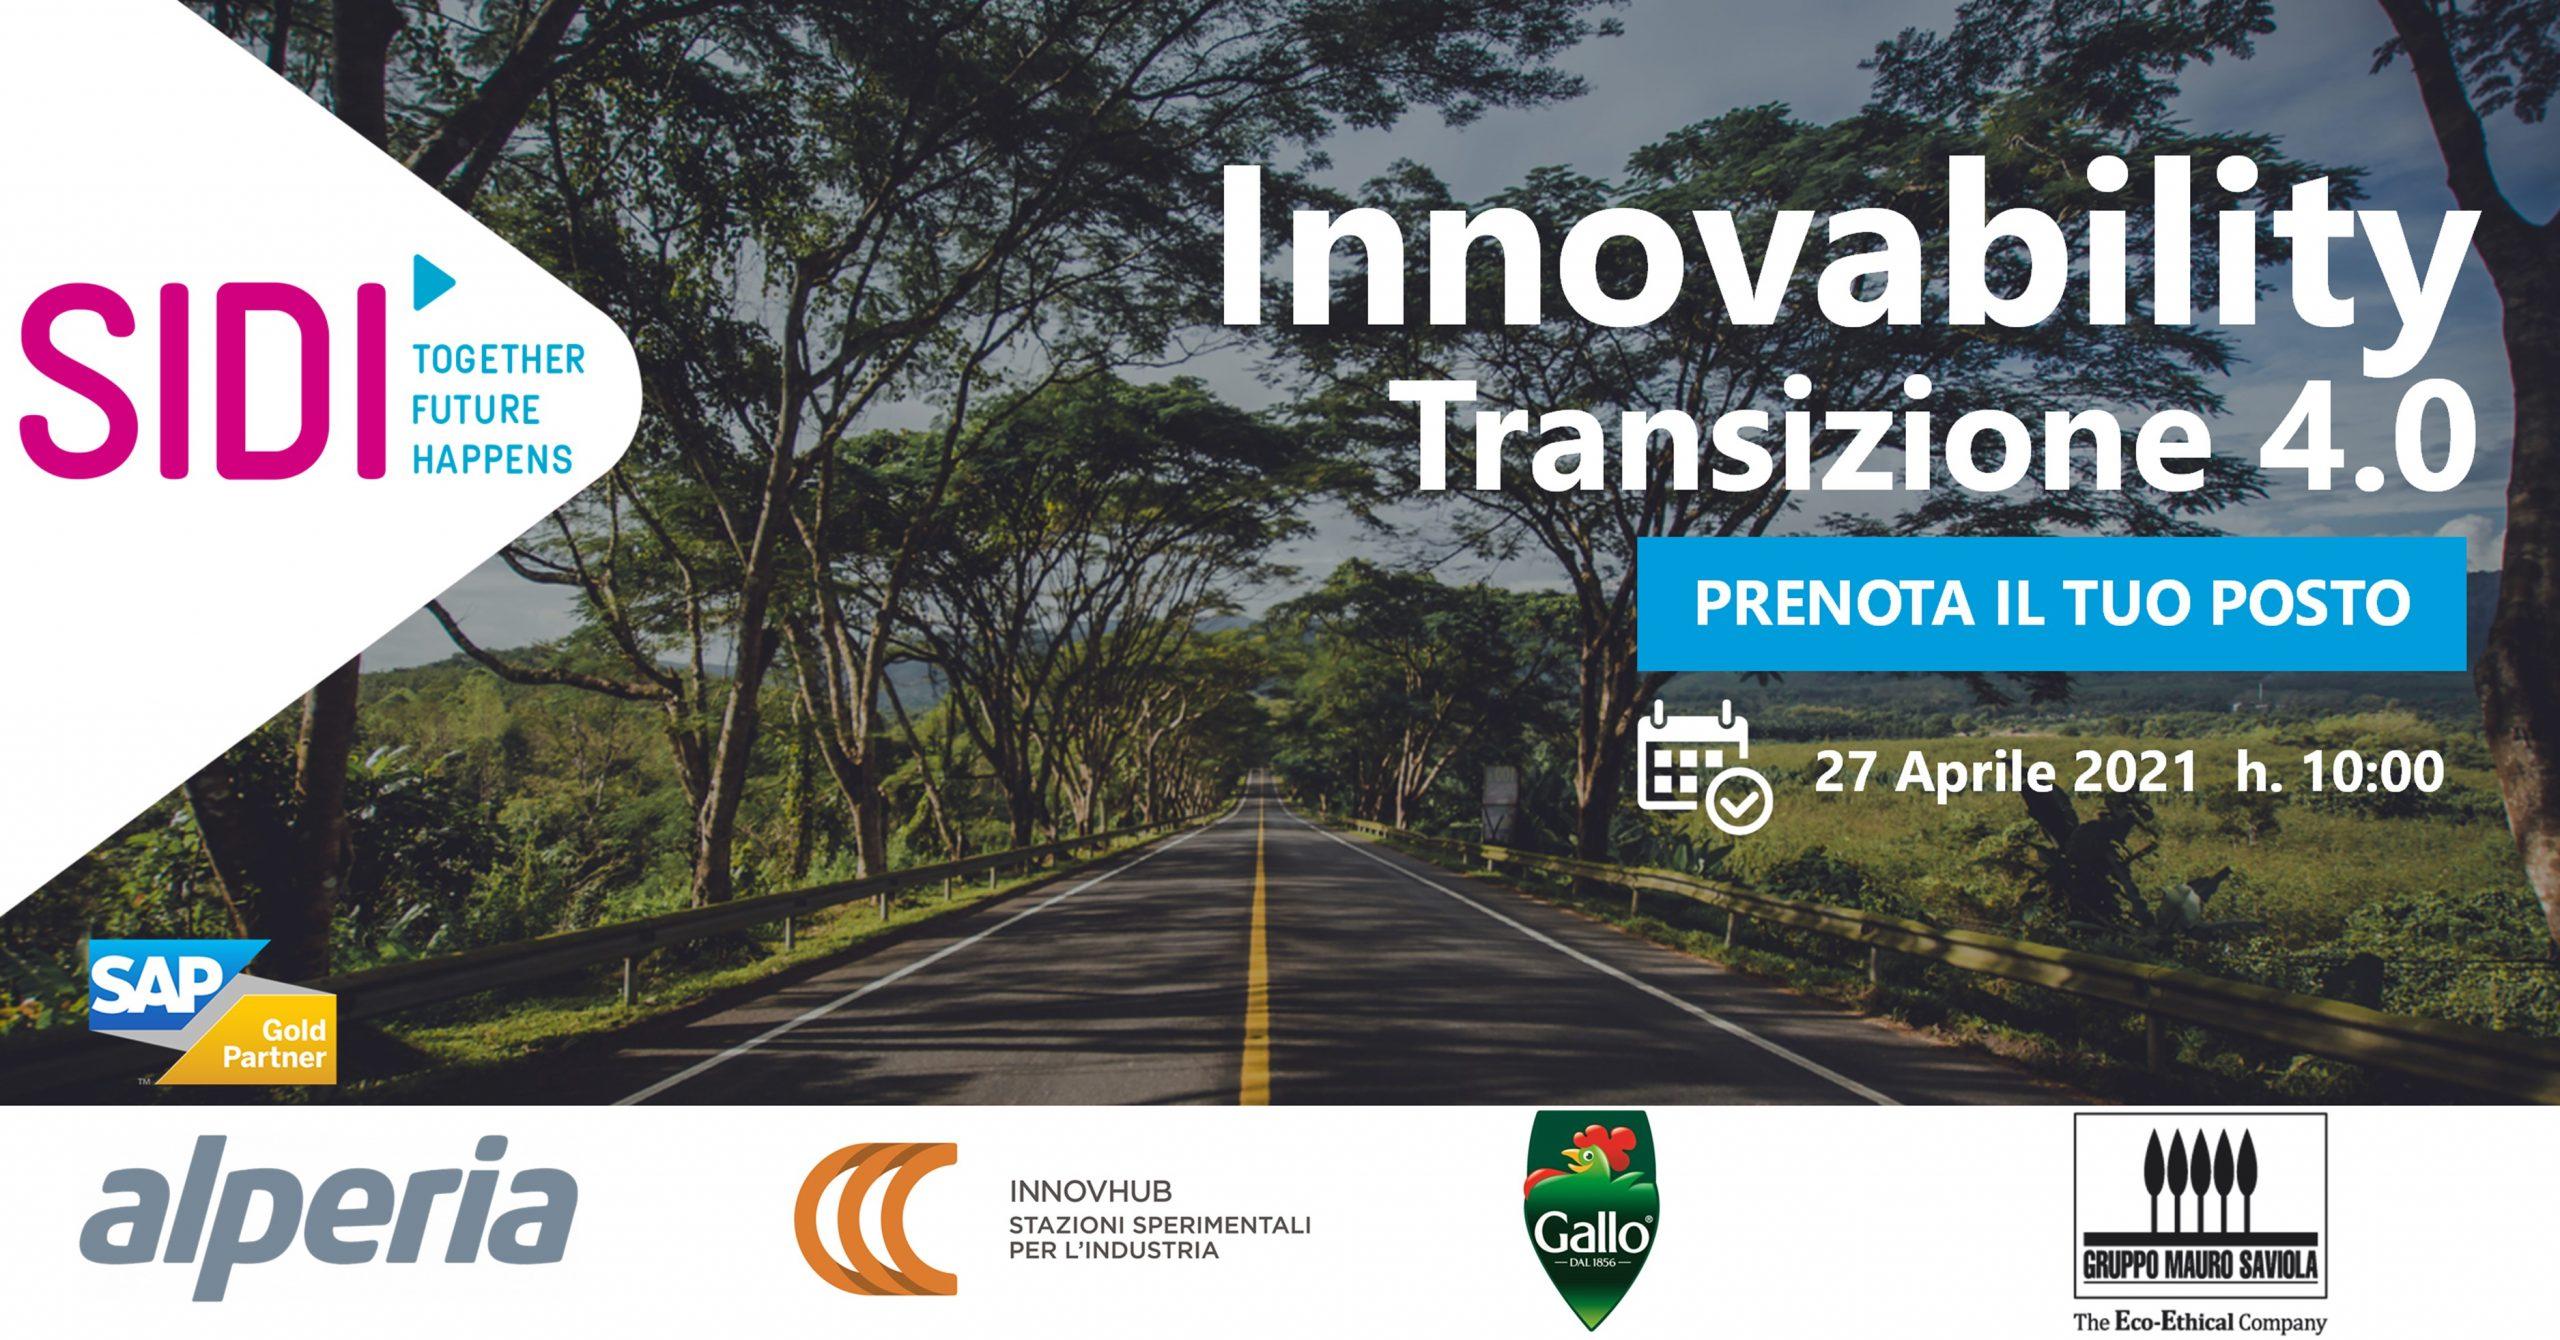 INNOVABILITY: TRANSIZIONE 4.0 – Innovazione tecnologica per uno sviluppo sostenibile